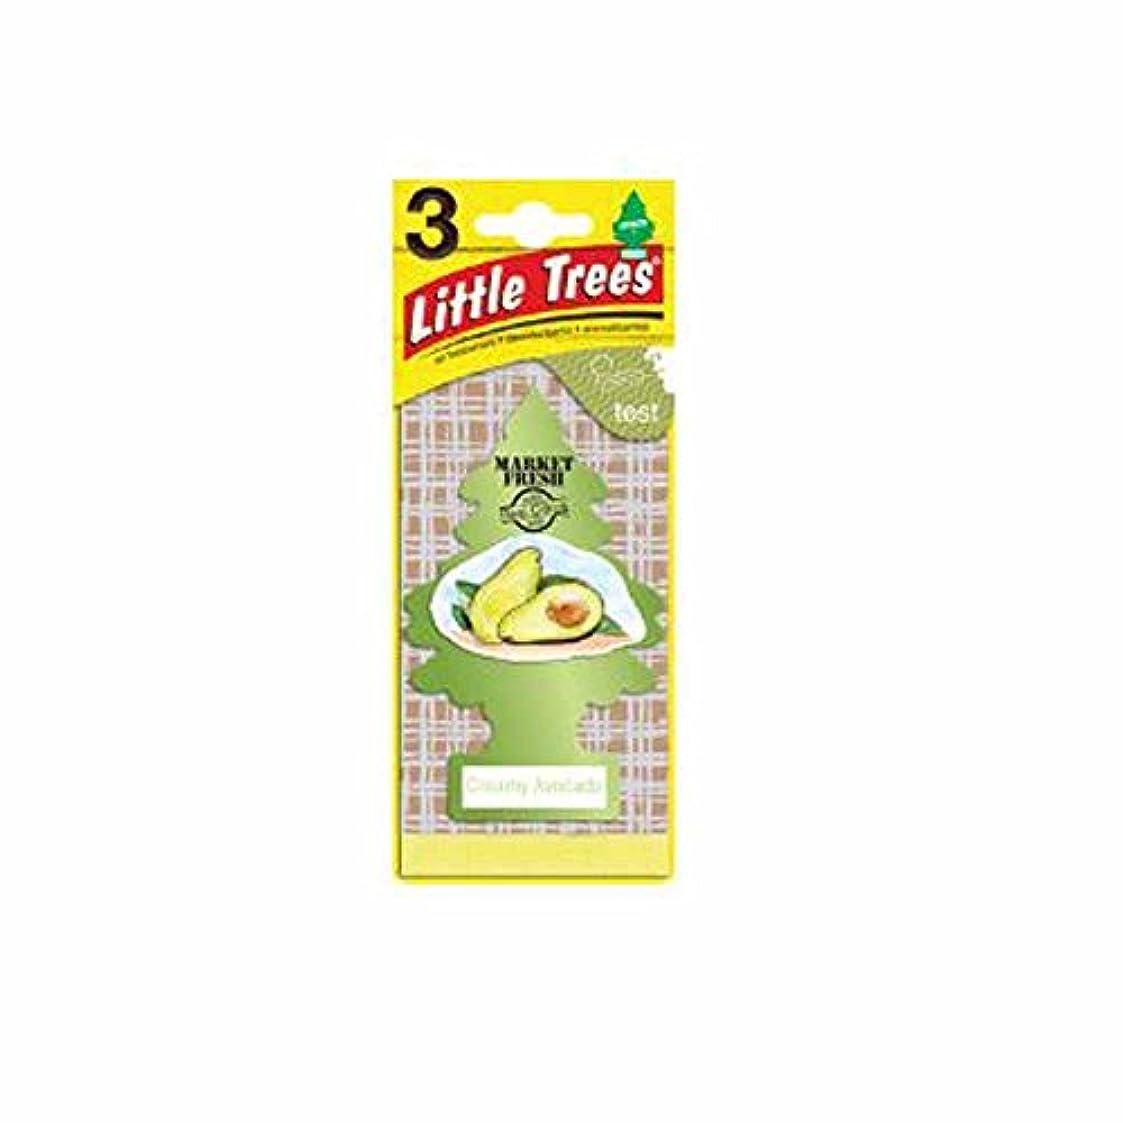 妖精報奨金誘発するLittle Trees 吊下げタイプ エアーフレッシュナー creamy avocado(クリーミーアボカド) 3枚セット(3P) U3S-37340